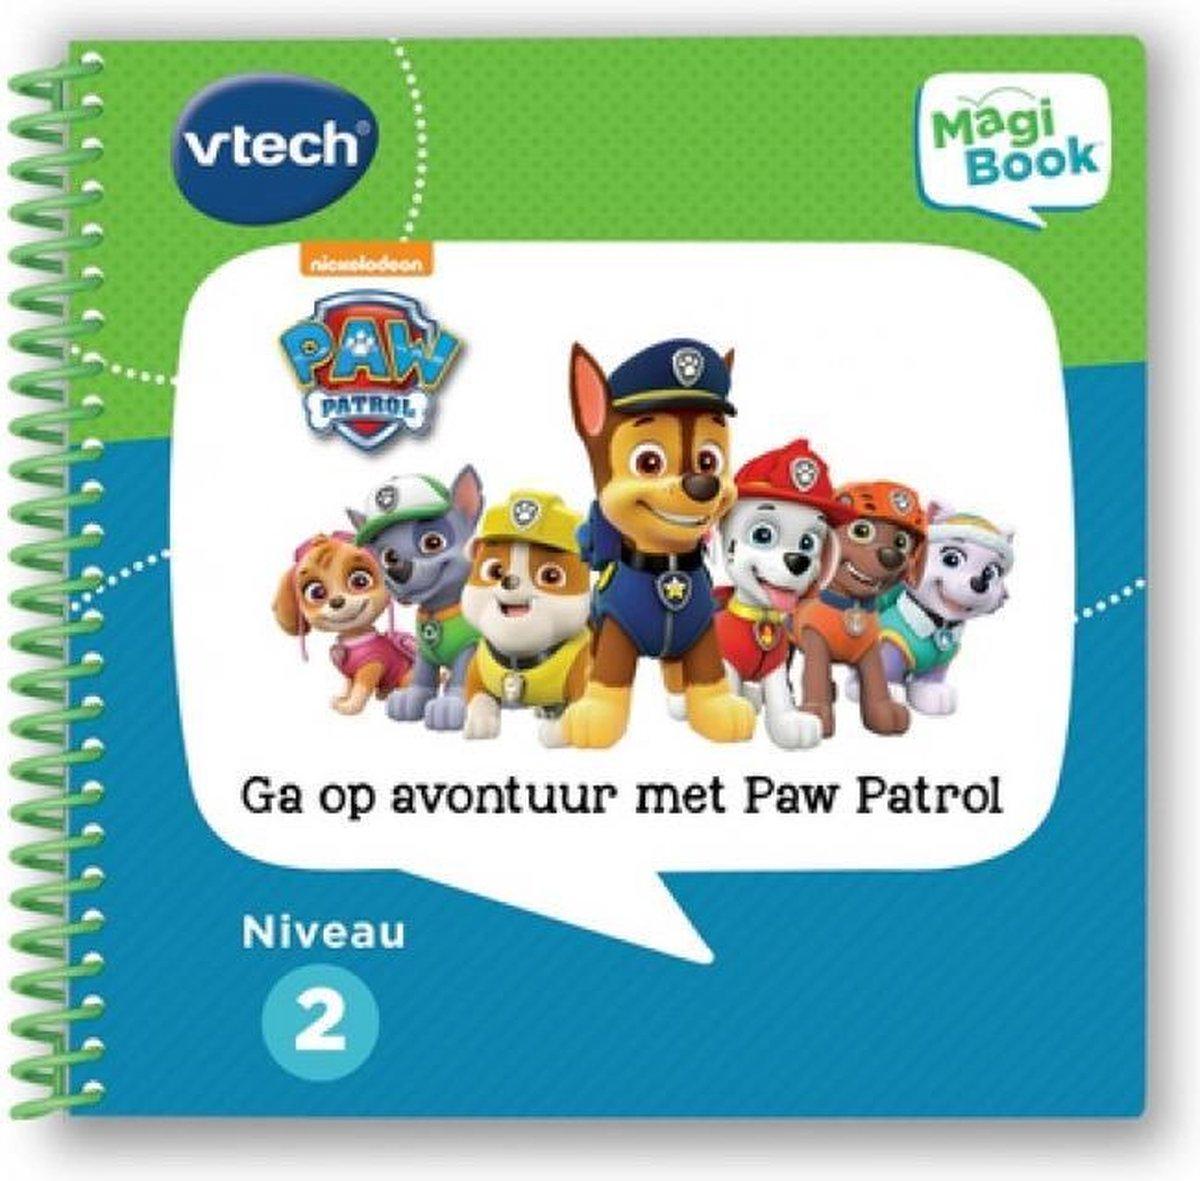 VTech MagiBook Activiteitenboek - PAW Patrol - Educatief Babyspeelgoed